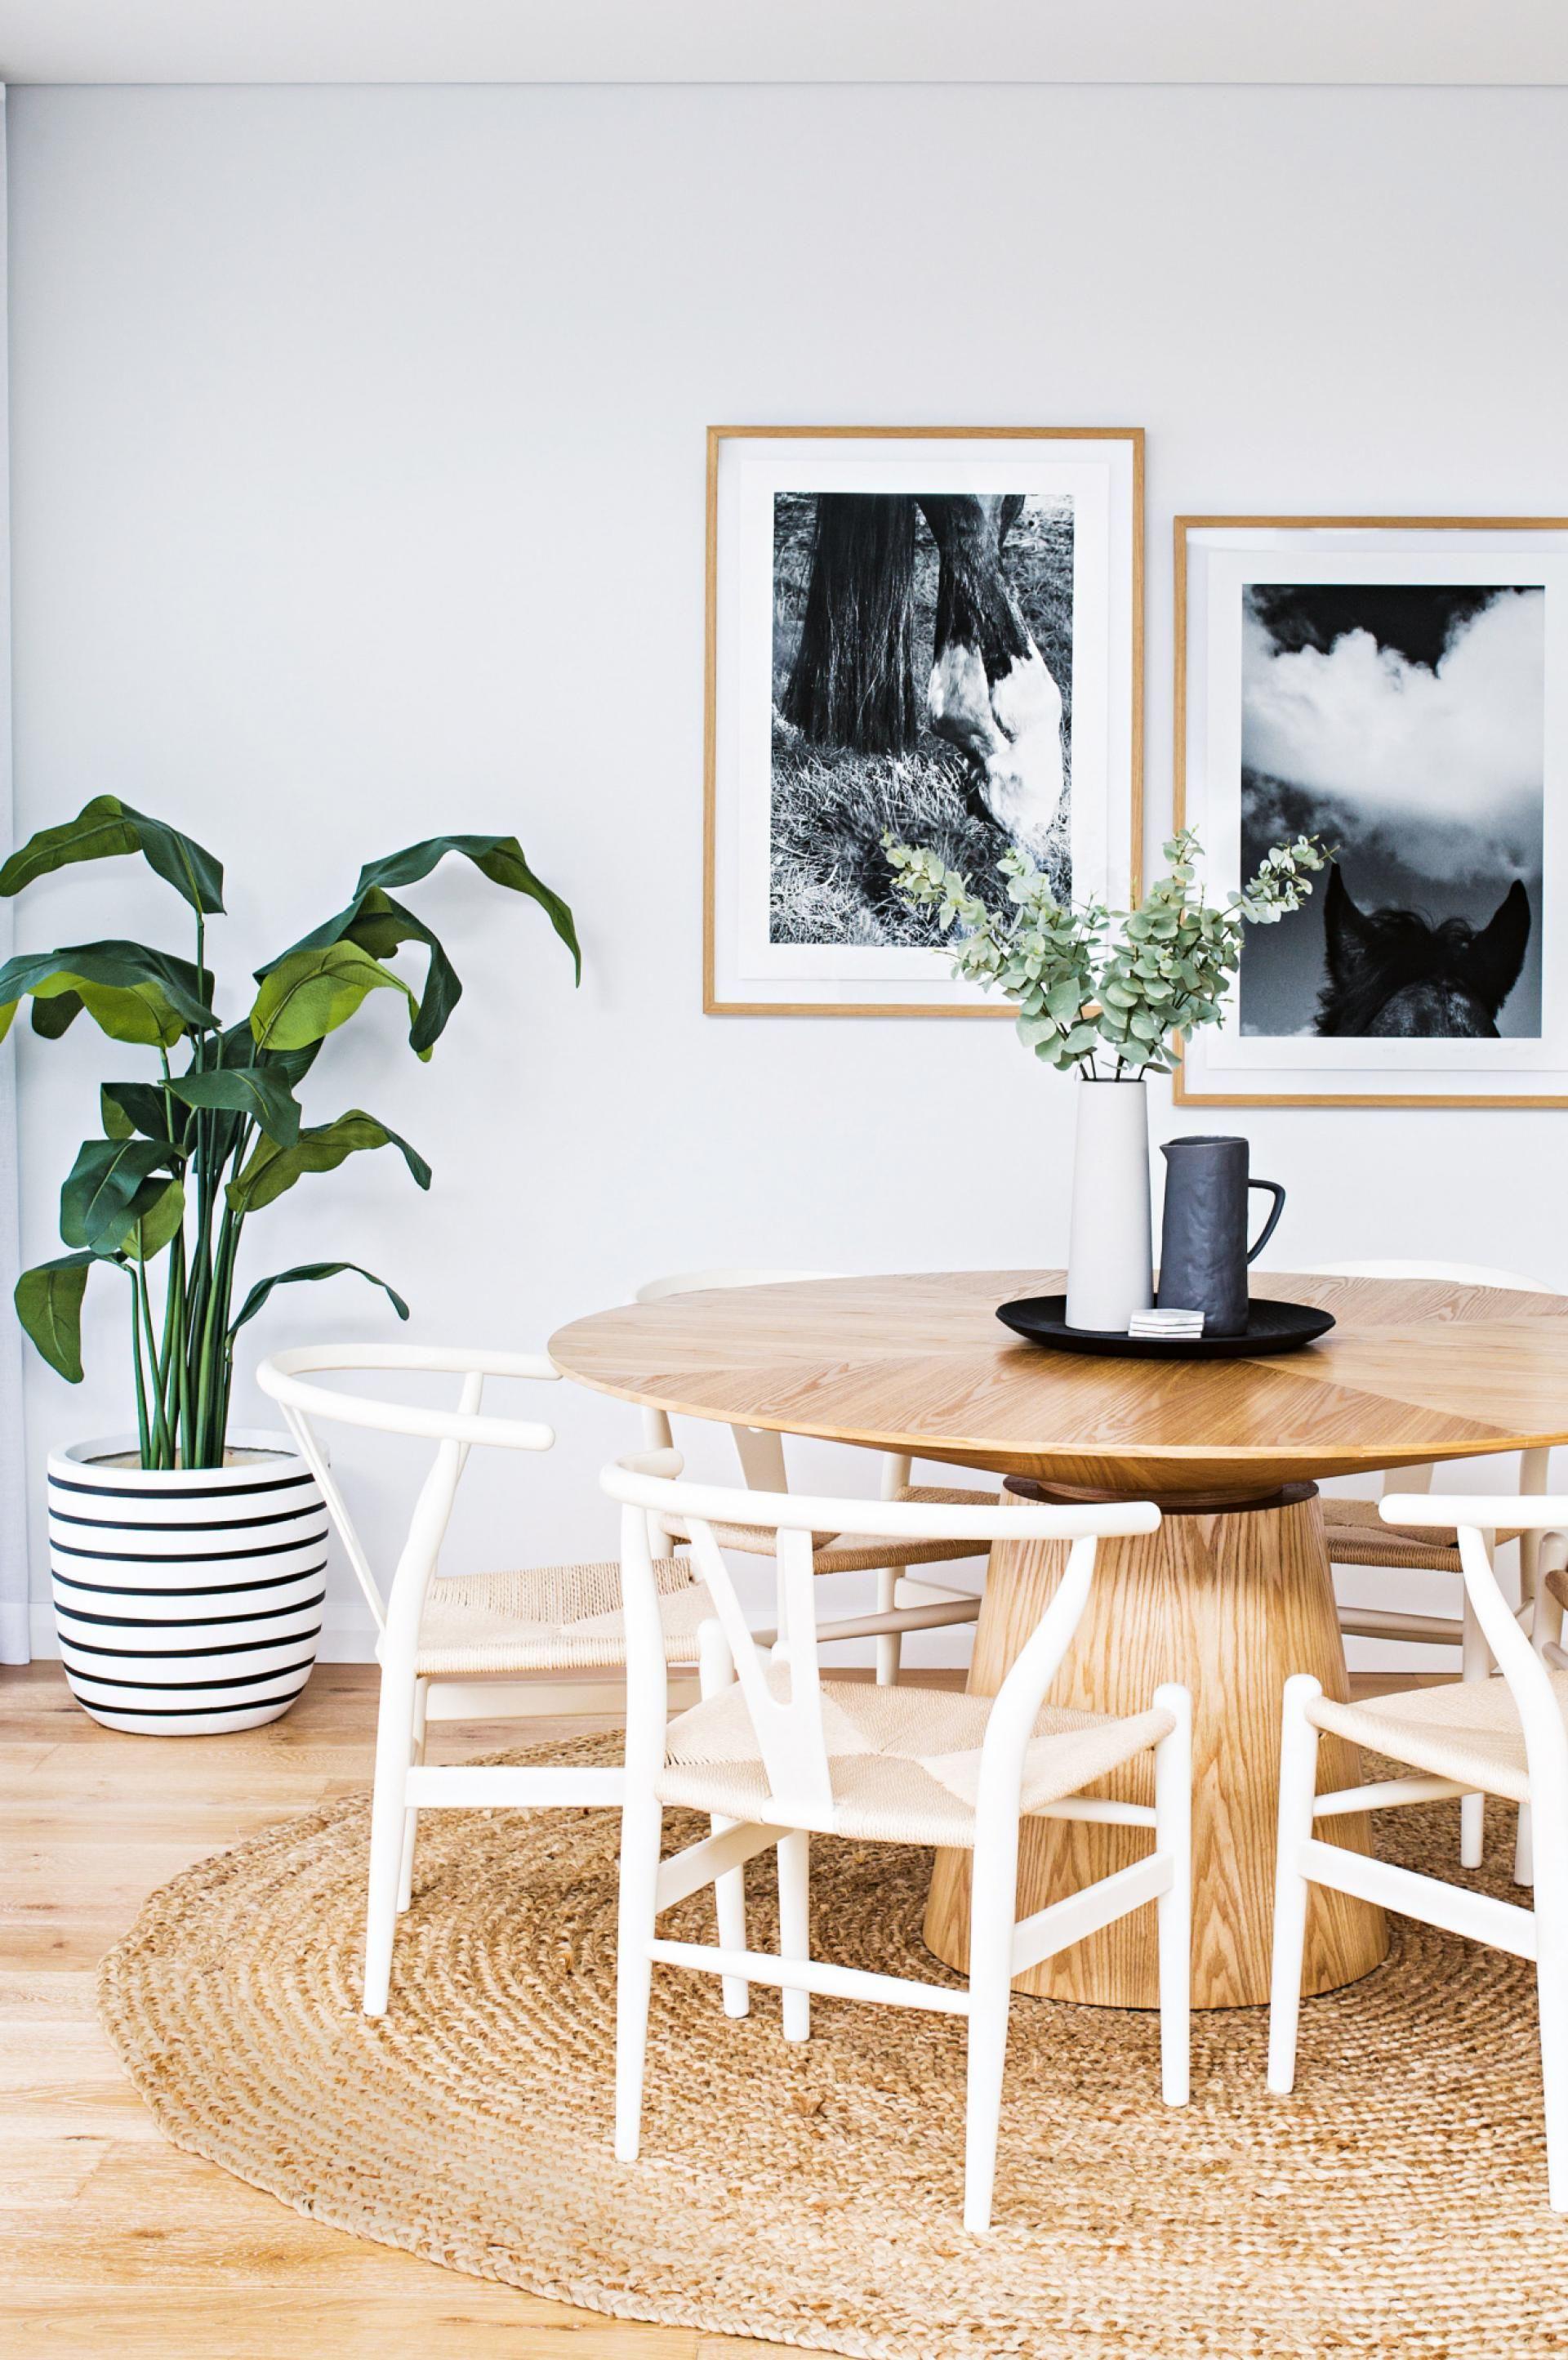 Holz-Möbel in weiß mit schwarzen Akzenten: Voilá #Wohnidee ...